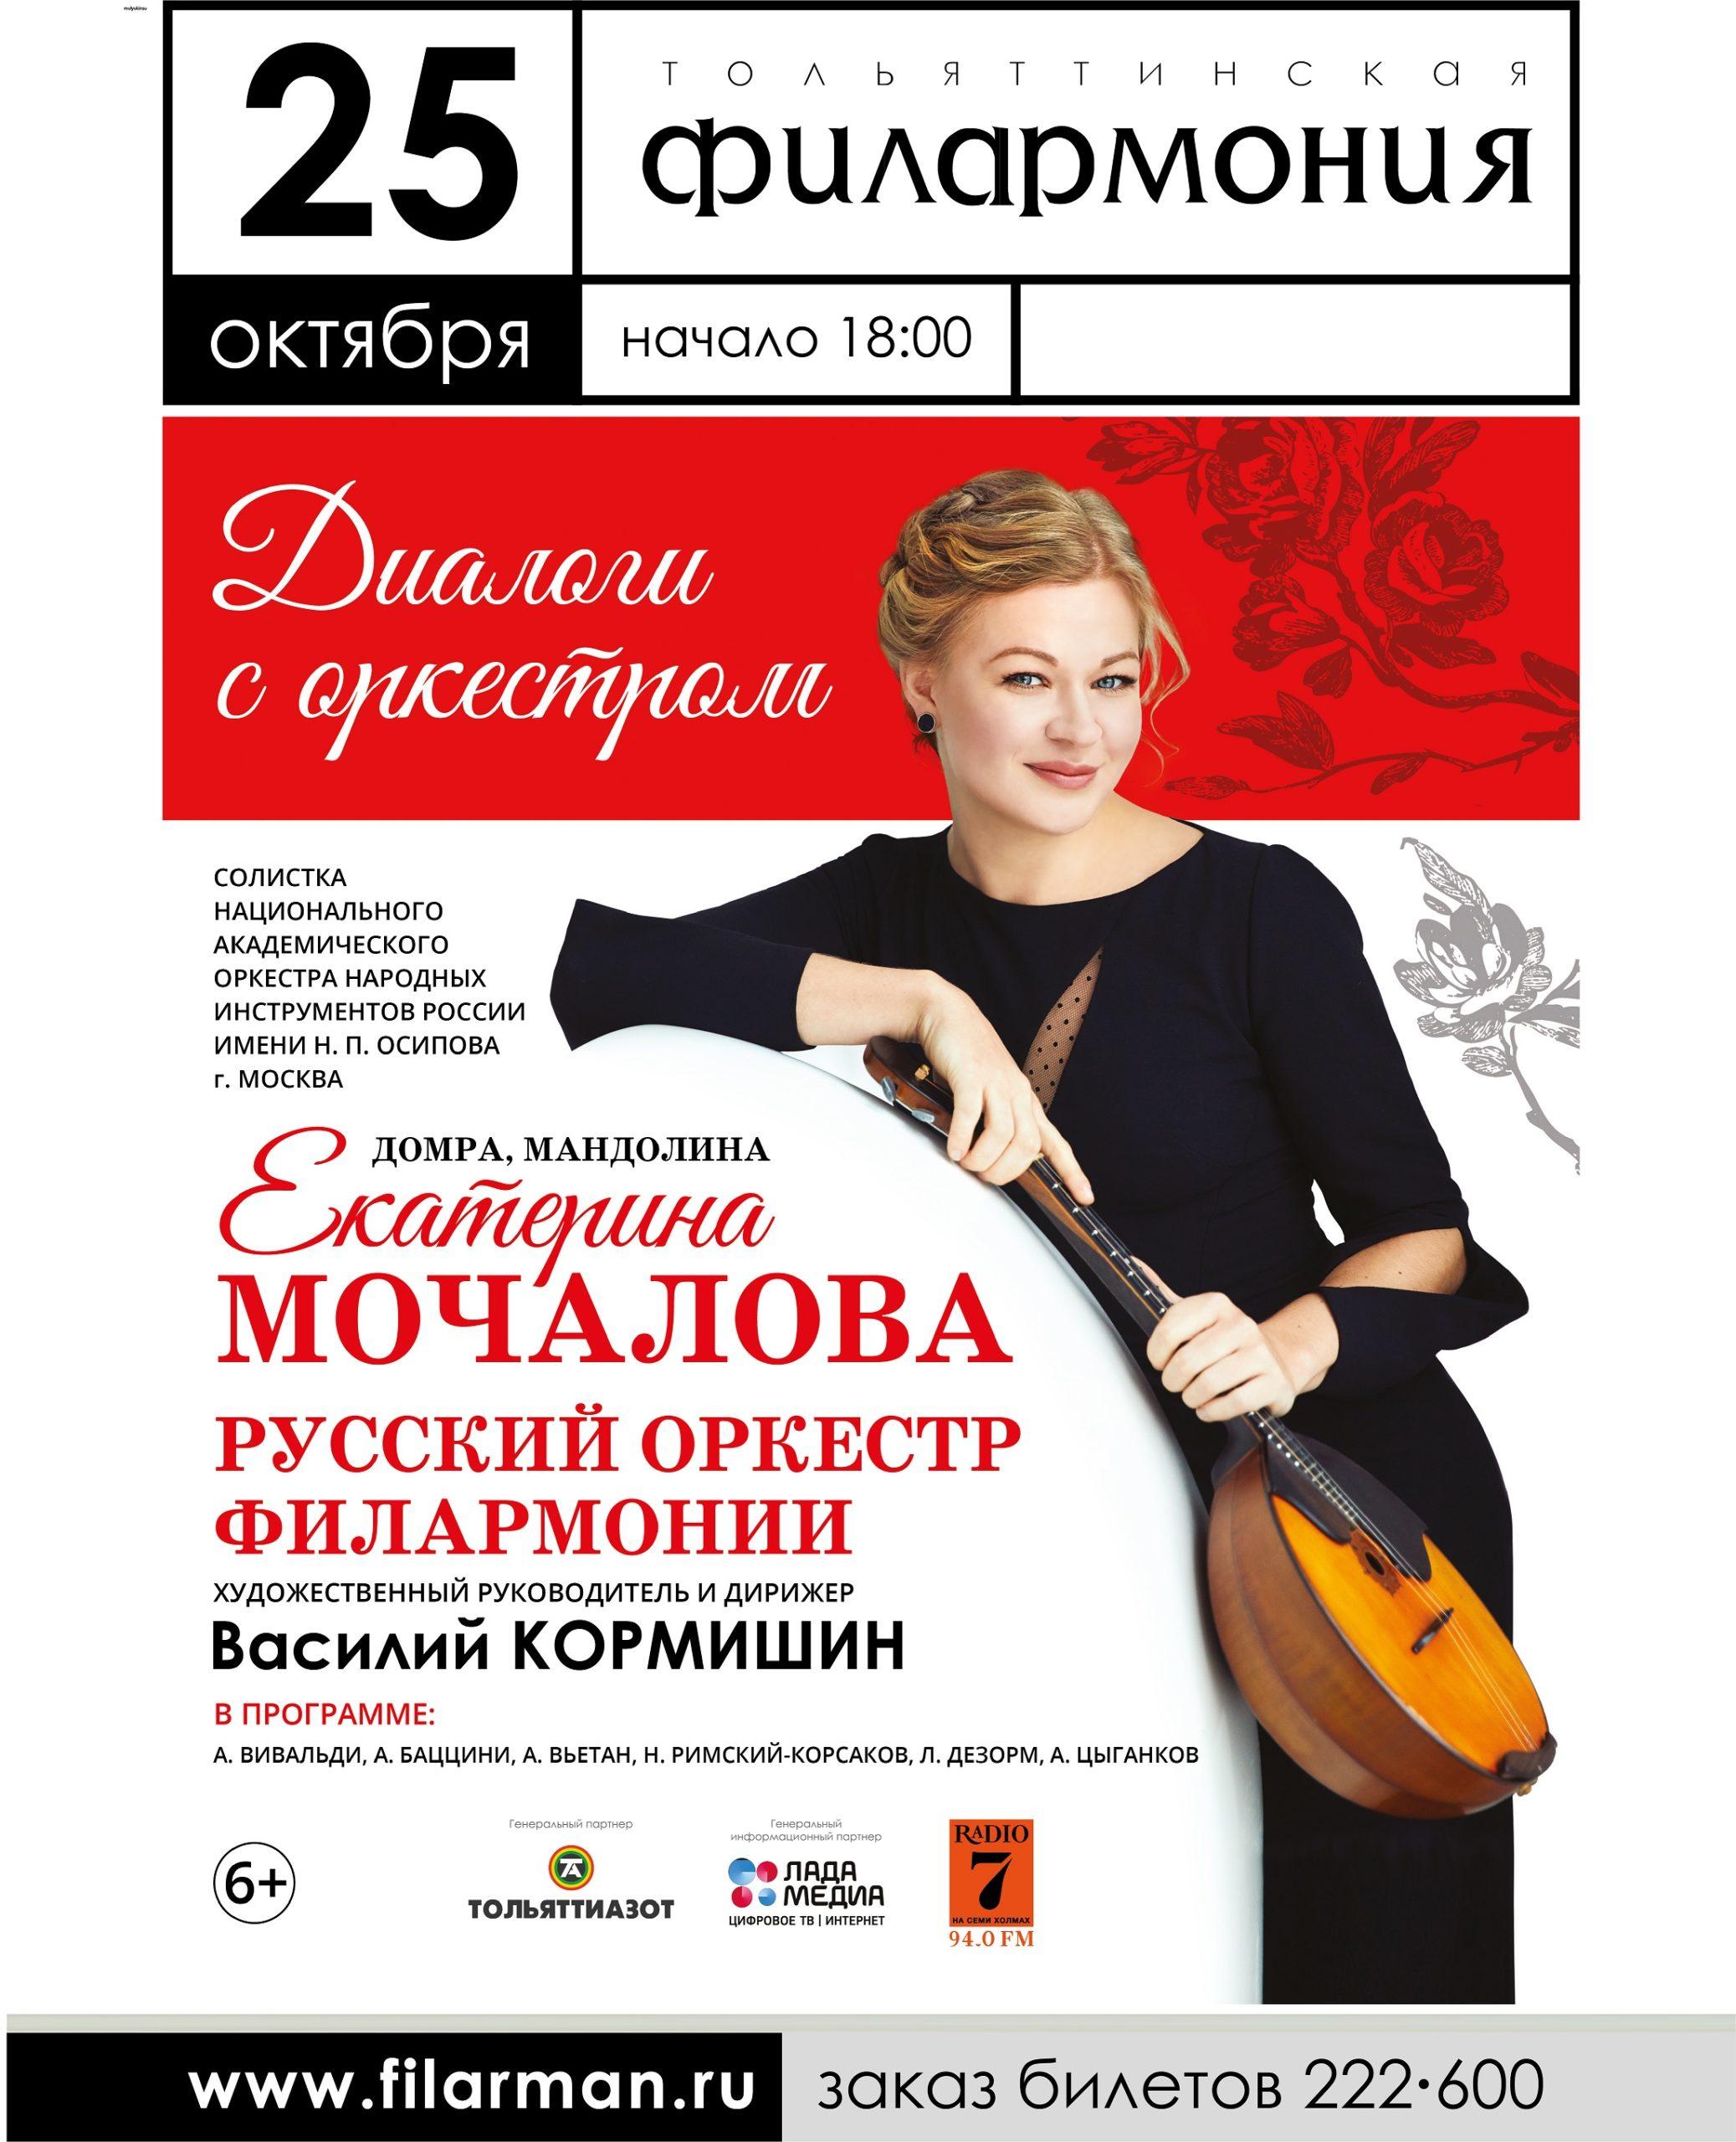 Прима домра и Русский оркестр